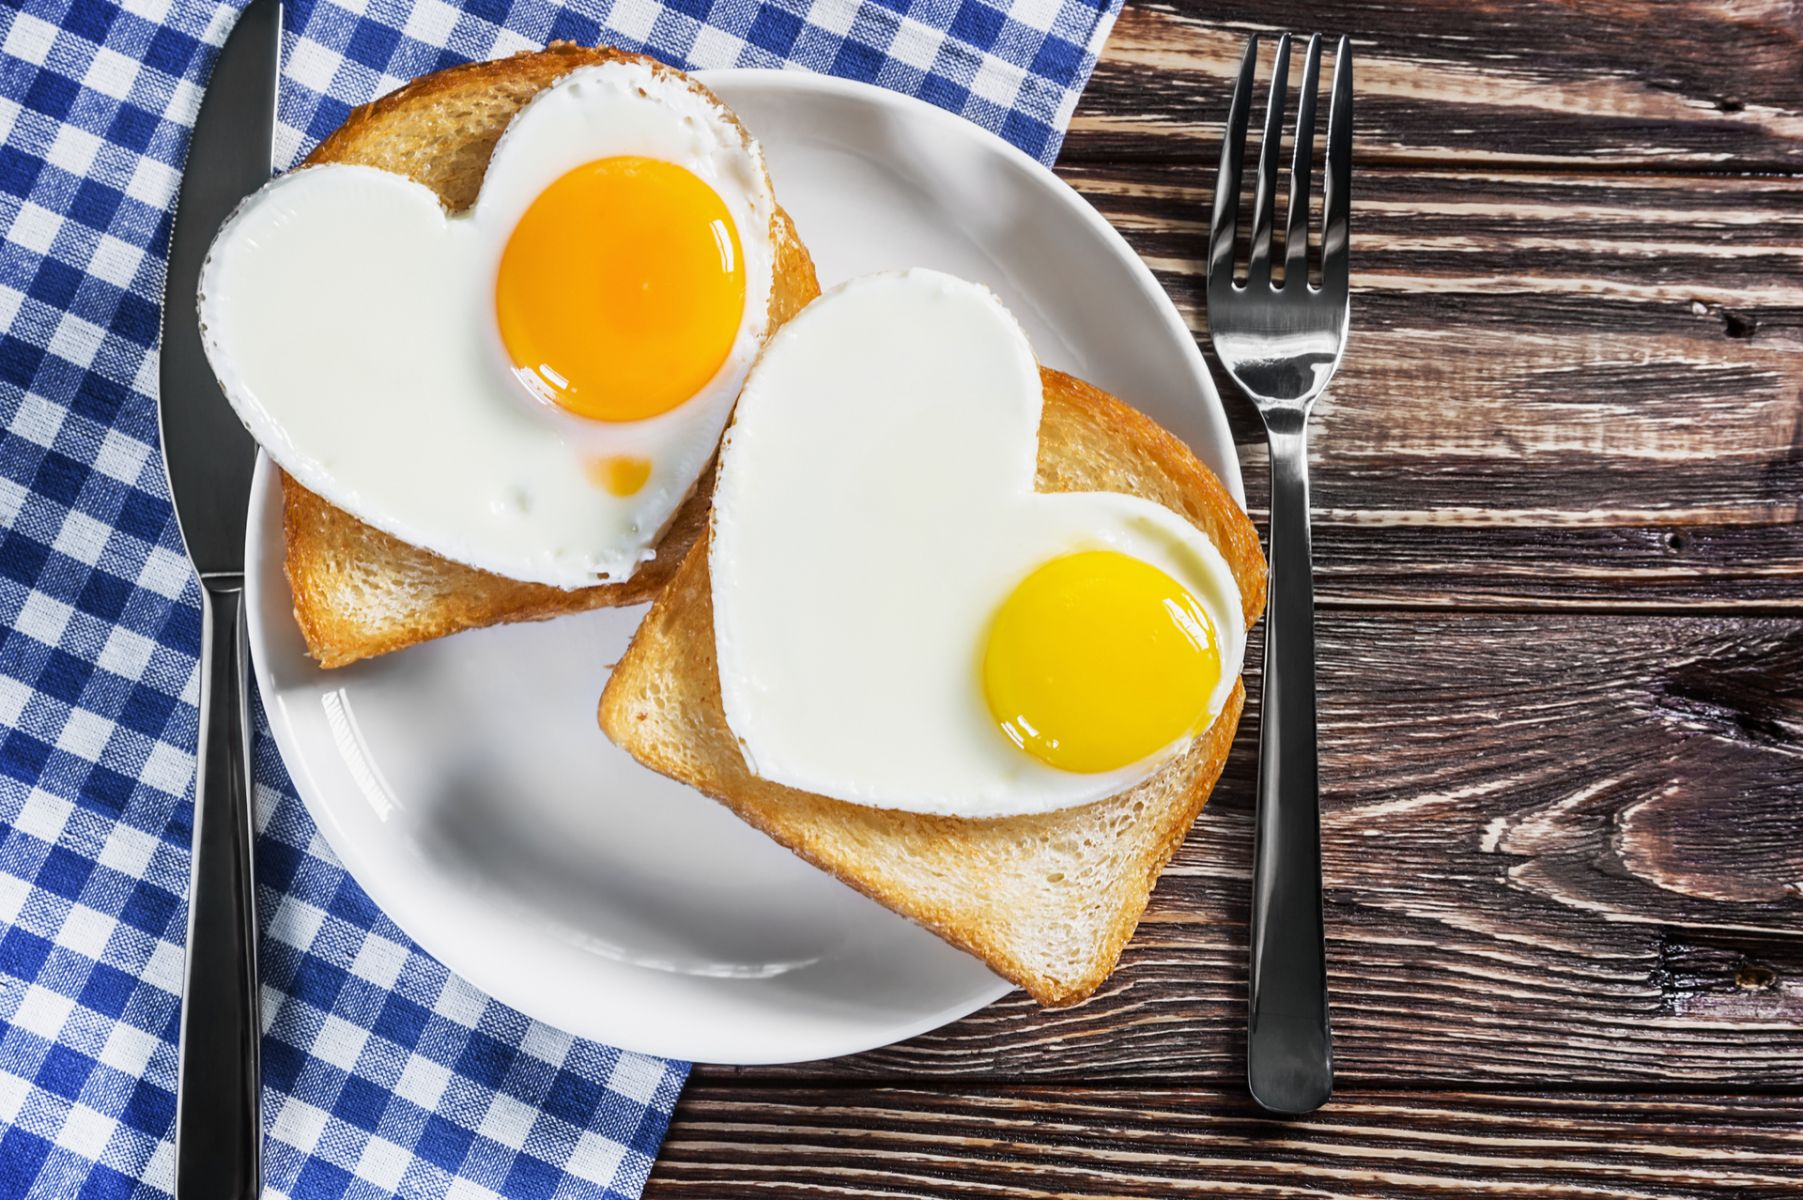 「蛋事」,這樣吃真的沒問題嗎?營養迷思大破解!